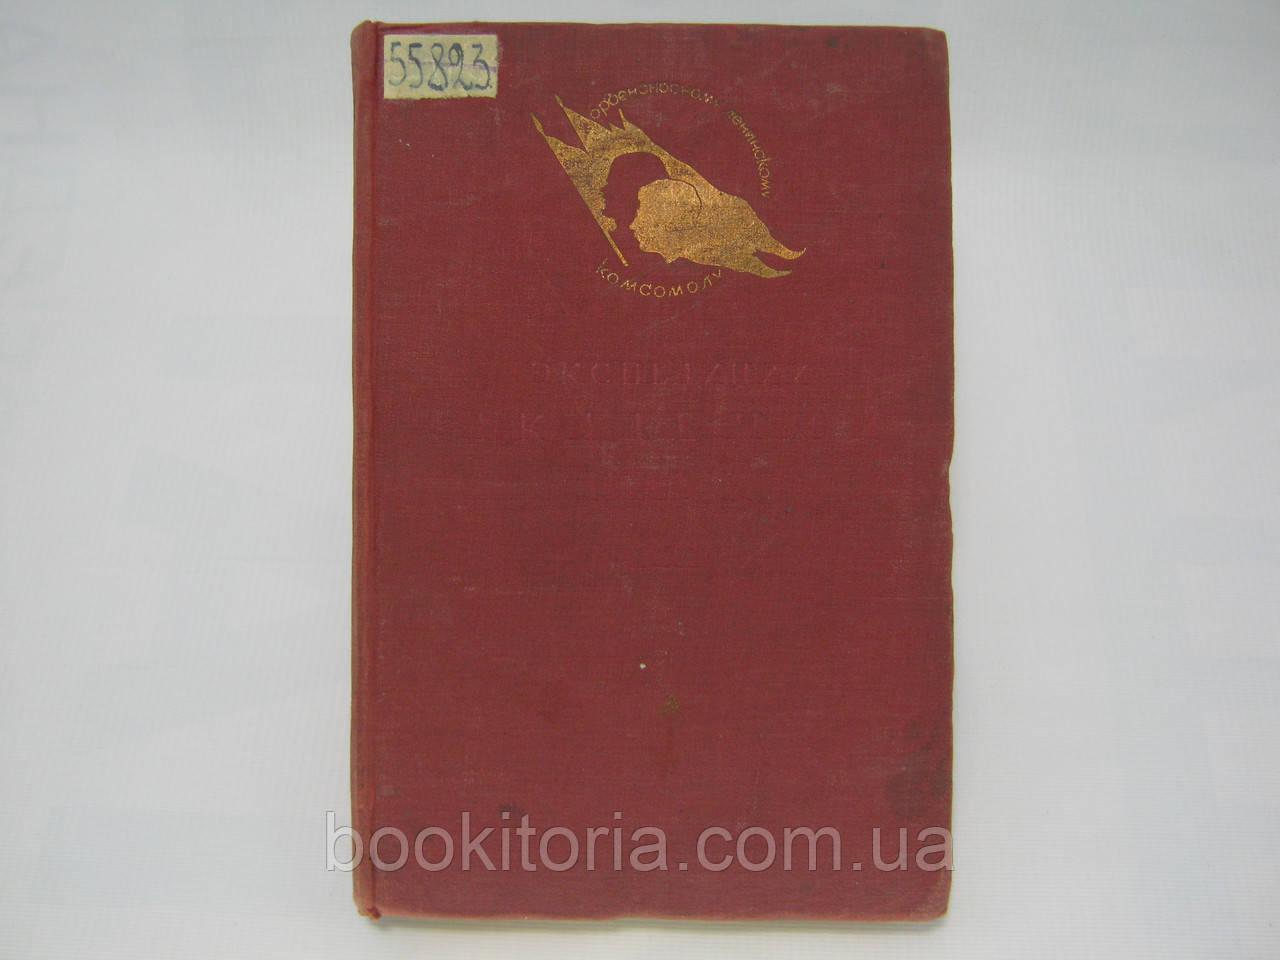 Экспедиции Академии наук СССР. 1934 год (б/у).